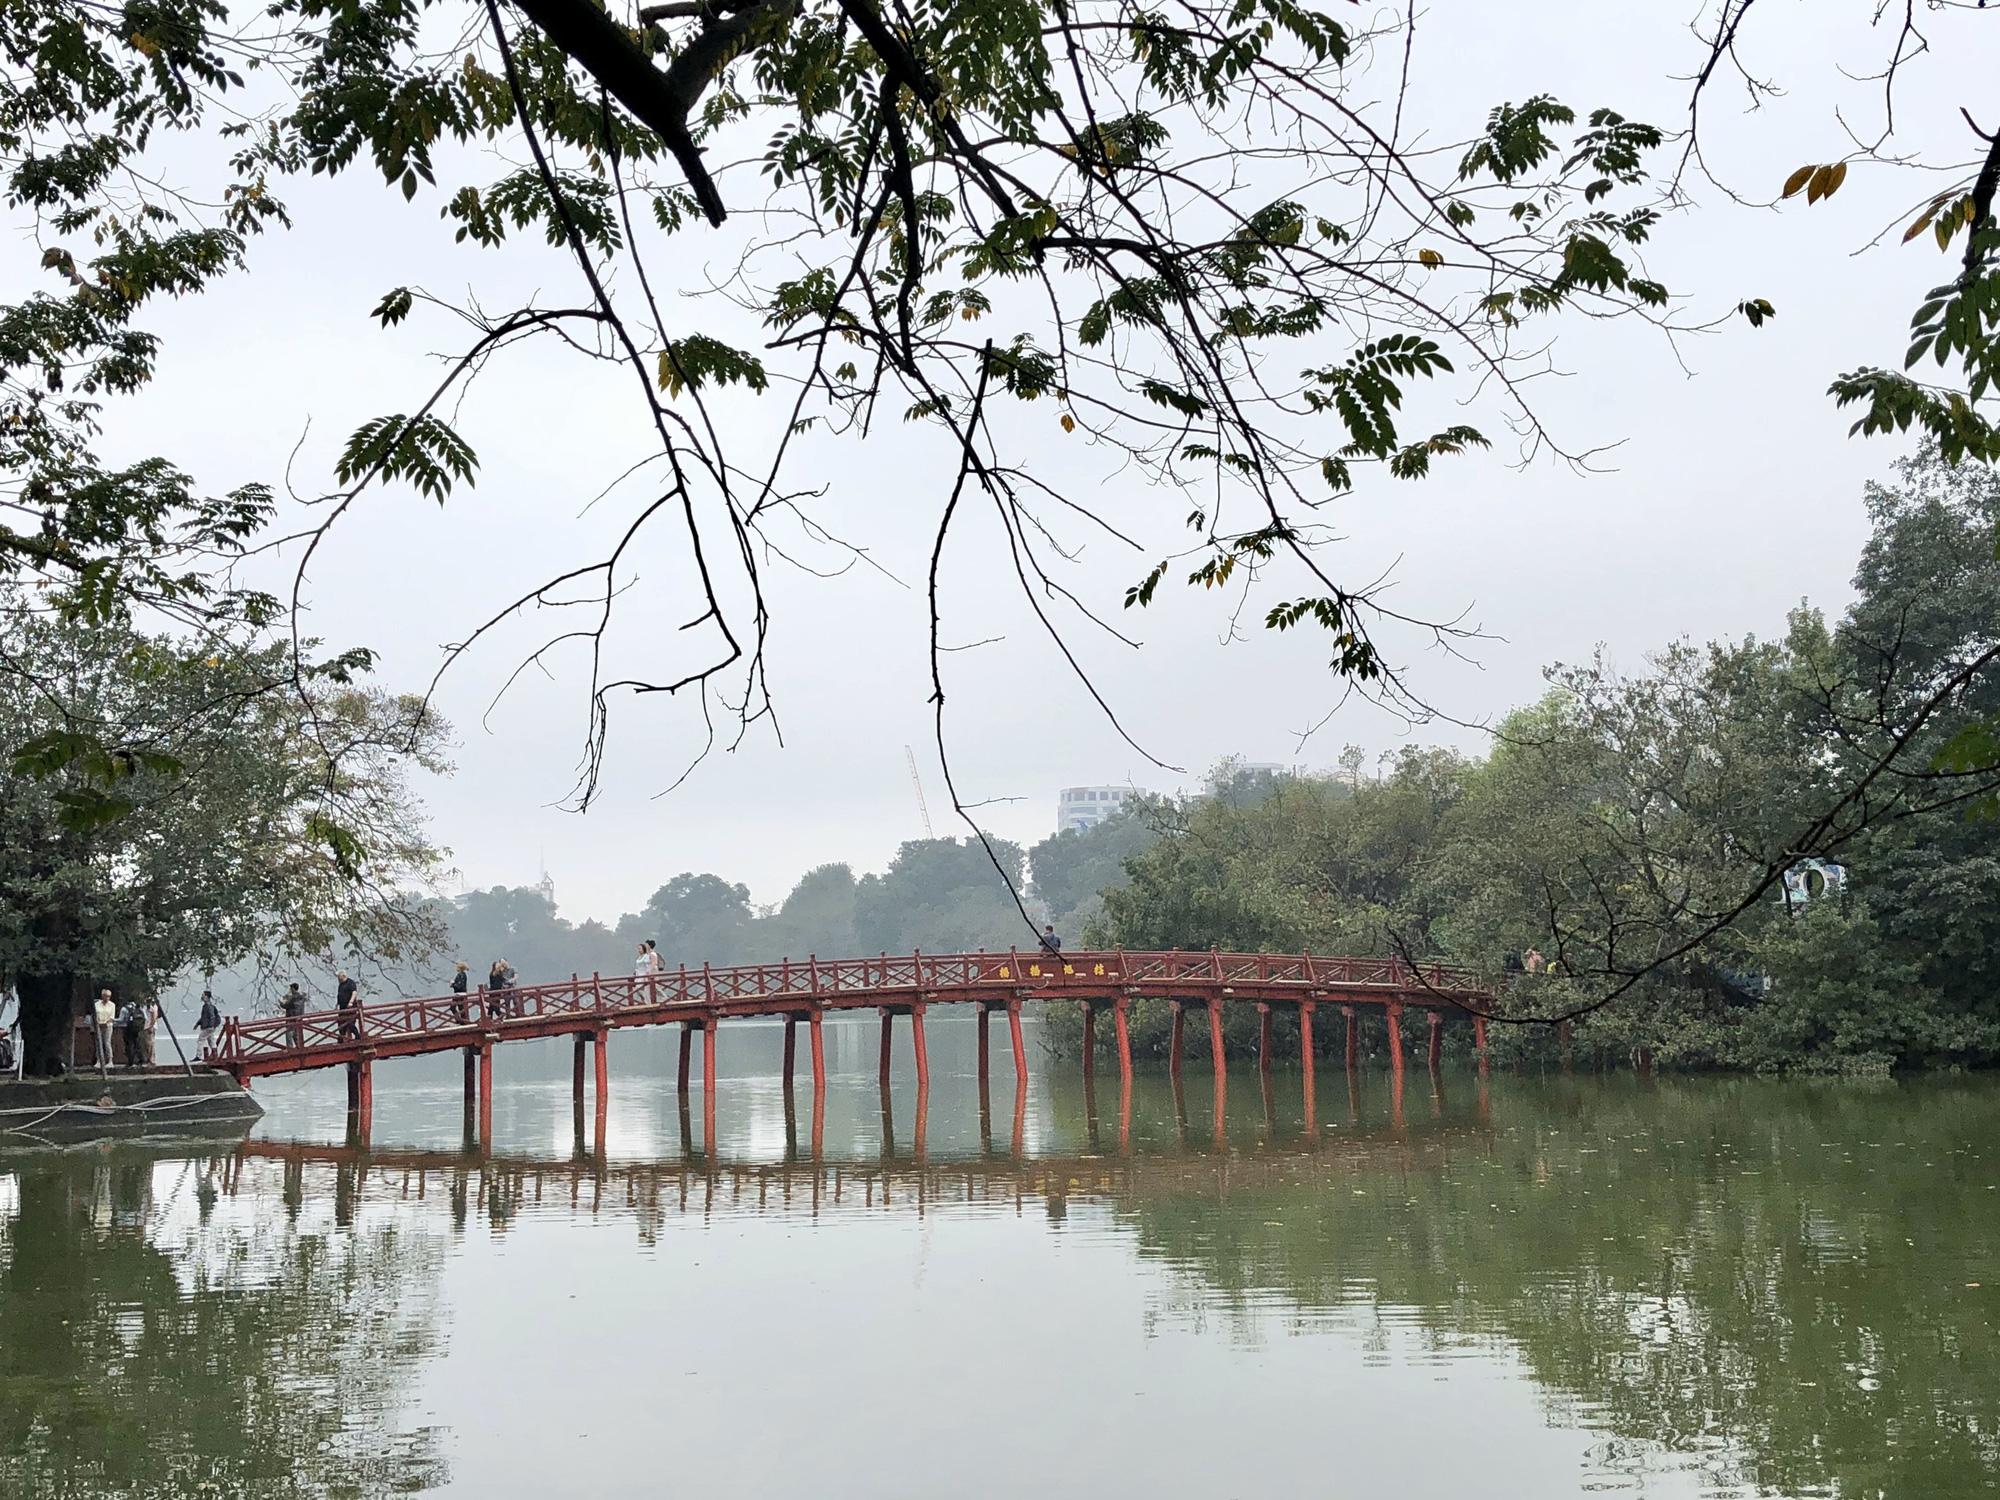 Nhiều điểm tham quan Hà Nội thưa thớt khách du lịch giữa mùa dịch corona - Ảnh 2.